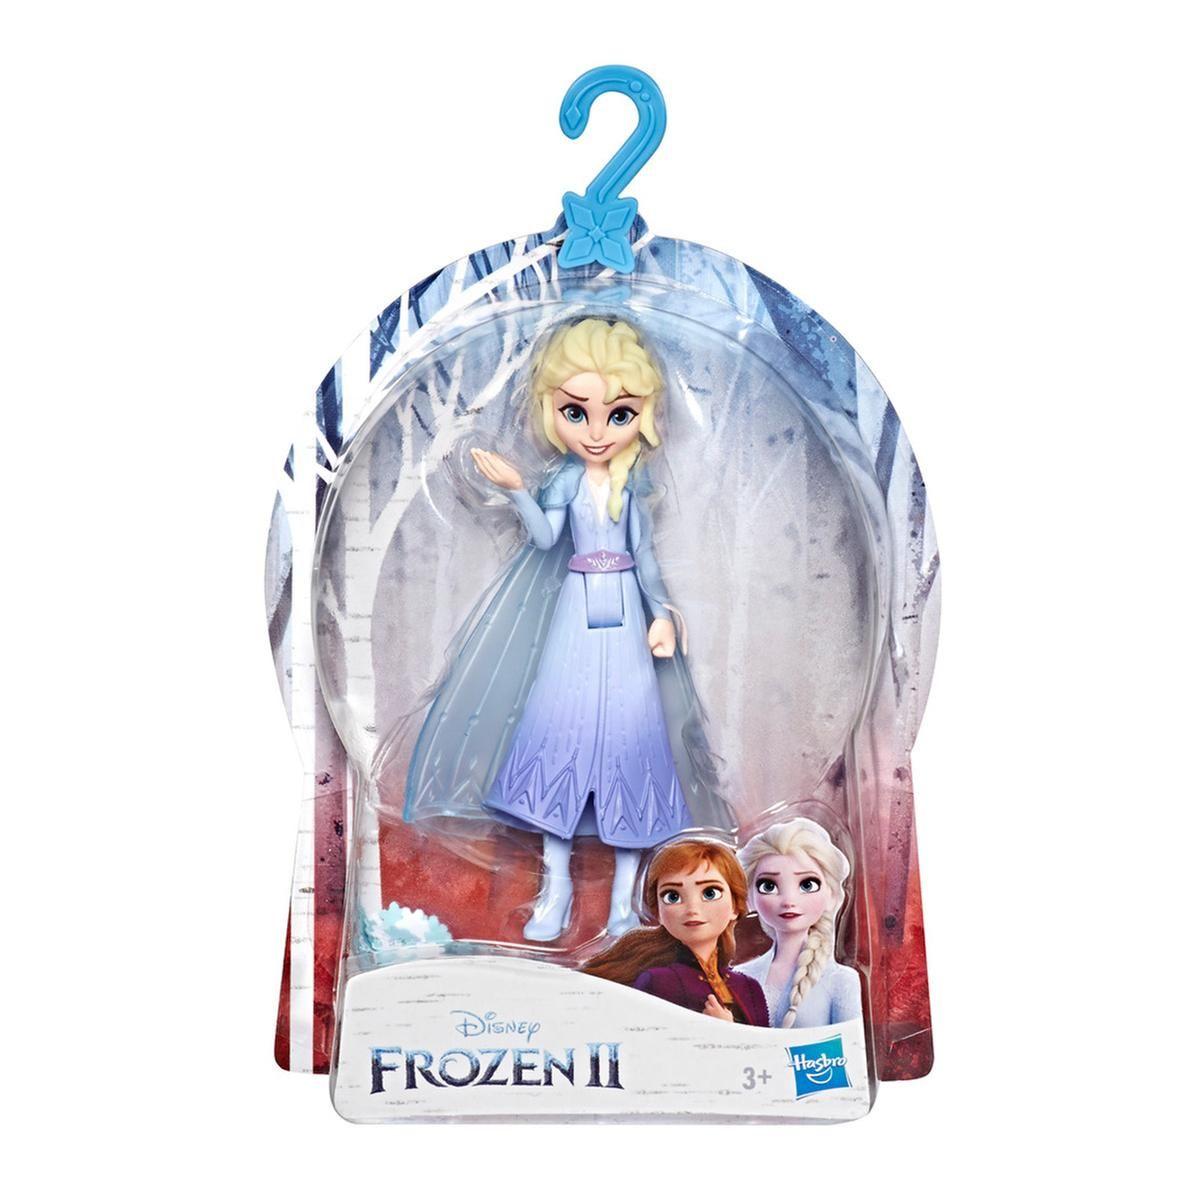 Frozen Elsa Figura Frozen 2 Disney Tienda De Juguetes Y Videojuegos Juguetería Online Figuras De Frozen Muñecas De Las Princesas De Disney Muñeca Elsa